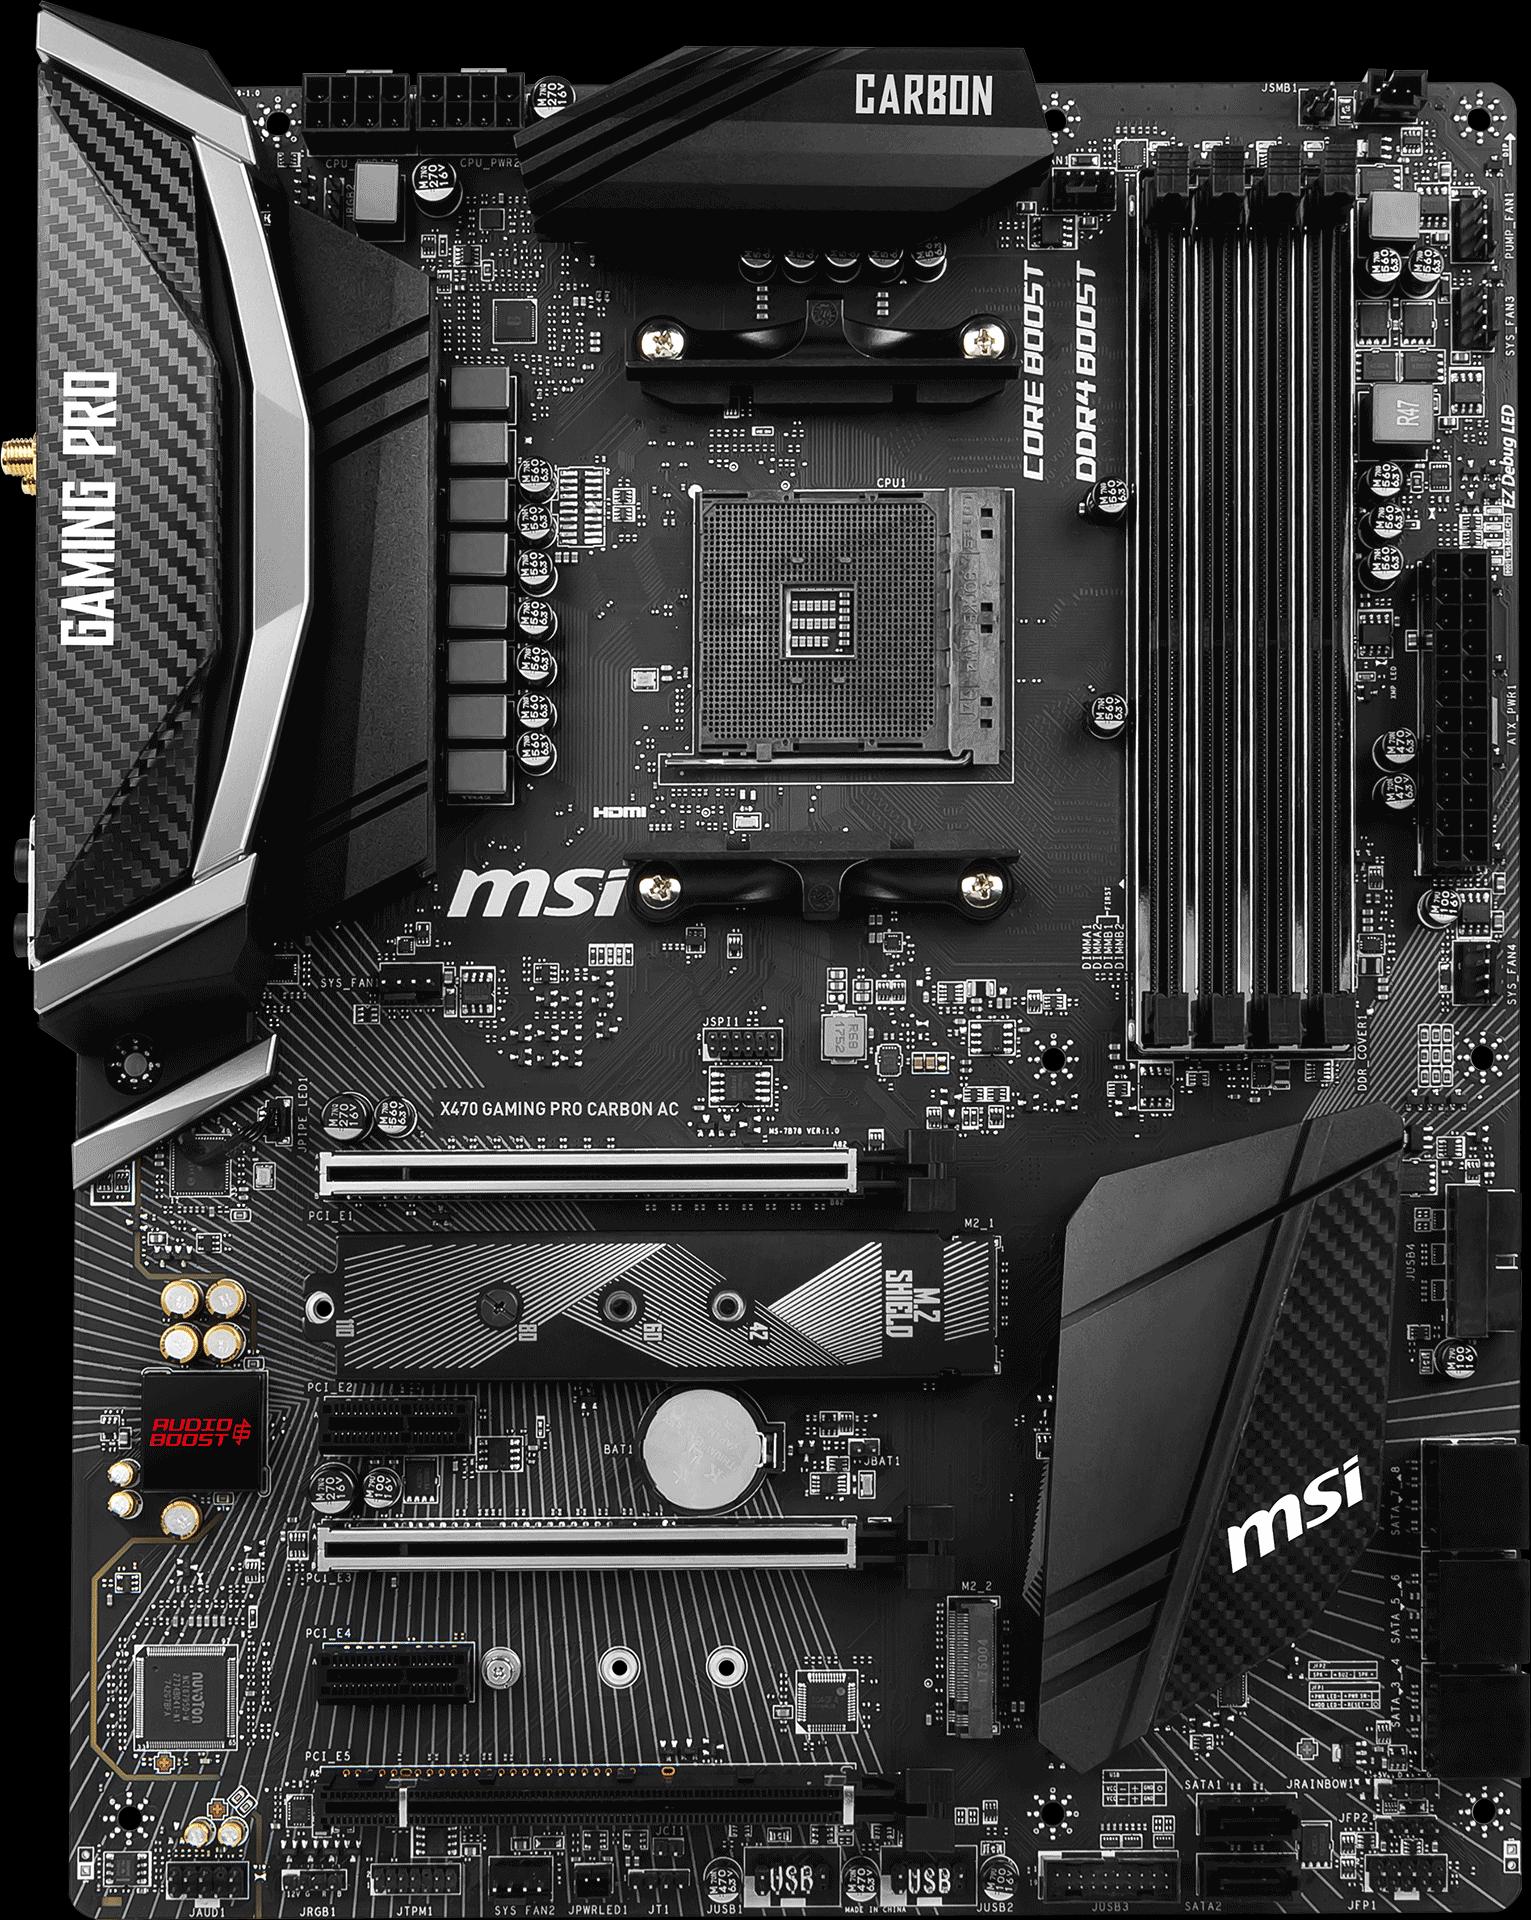 MSI X470 GAMING PRO CARBON Socket AM4 AMD X470 SATA 6Gb//s USB3.1 ATX Motherboard